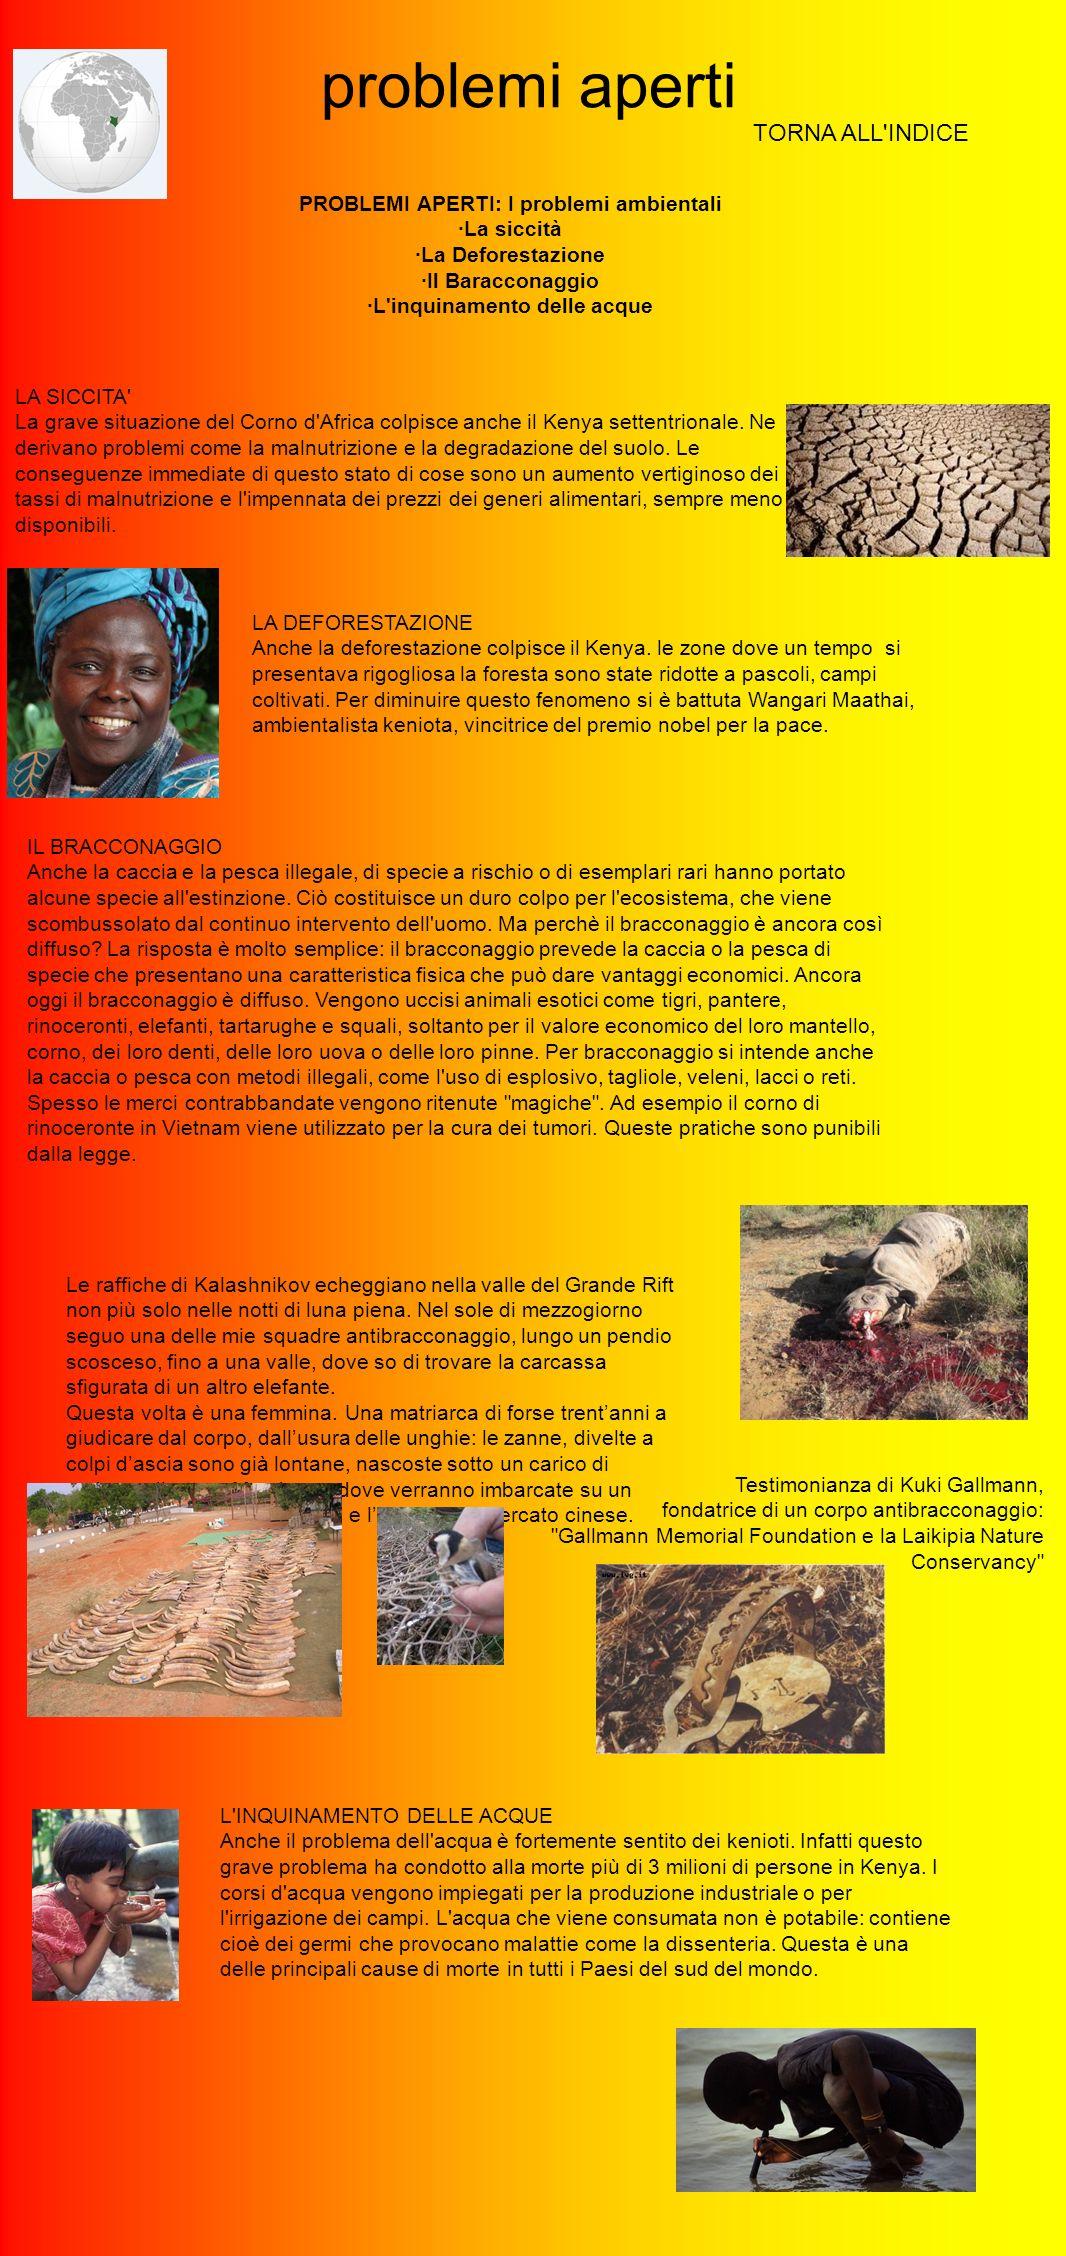 problemi aperti TORNA ALL'INDICE PROBLEMI APERTI: I problemi ambientali ·La siccità ·La Deforestazione ·Il Baracconaggio ·L'inquinamento delle acque L